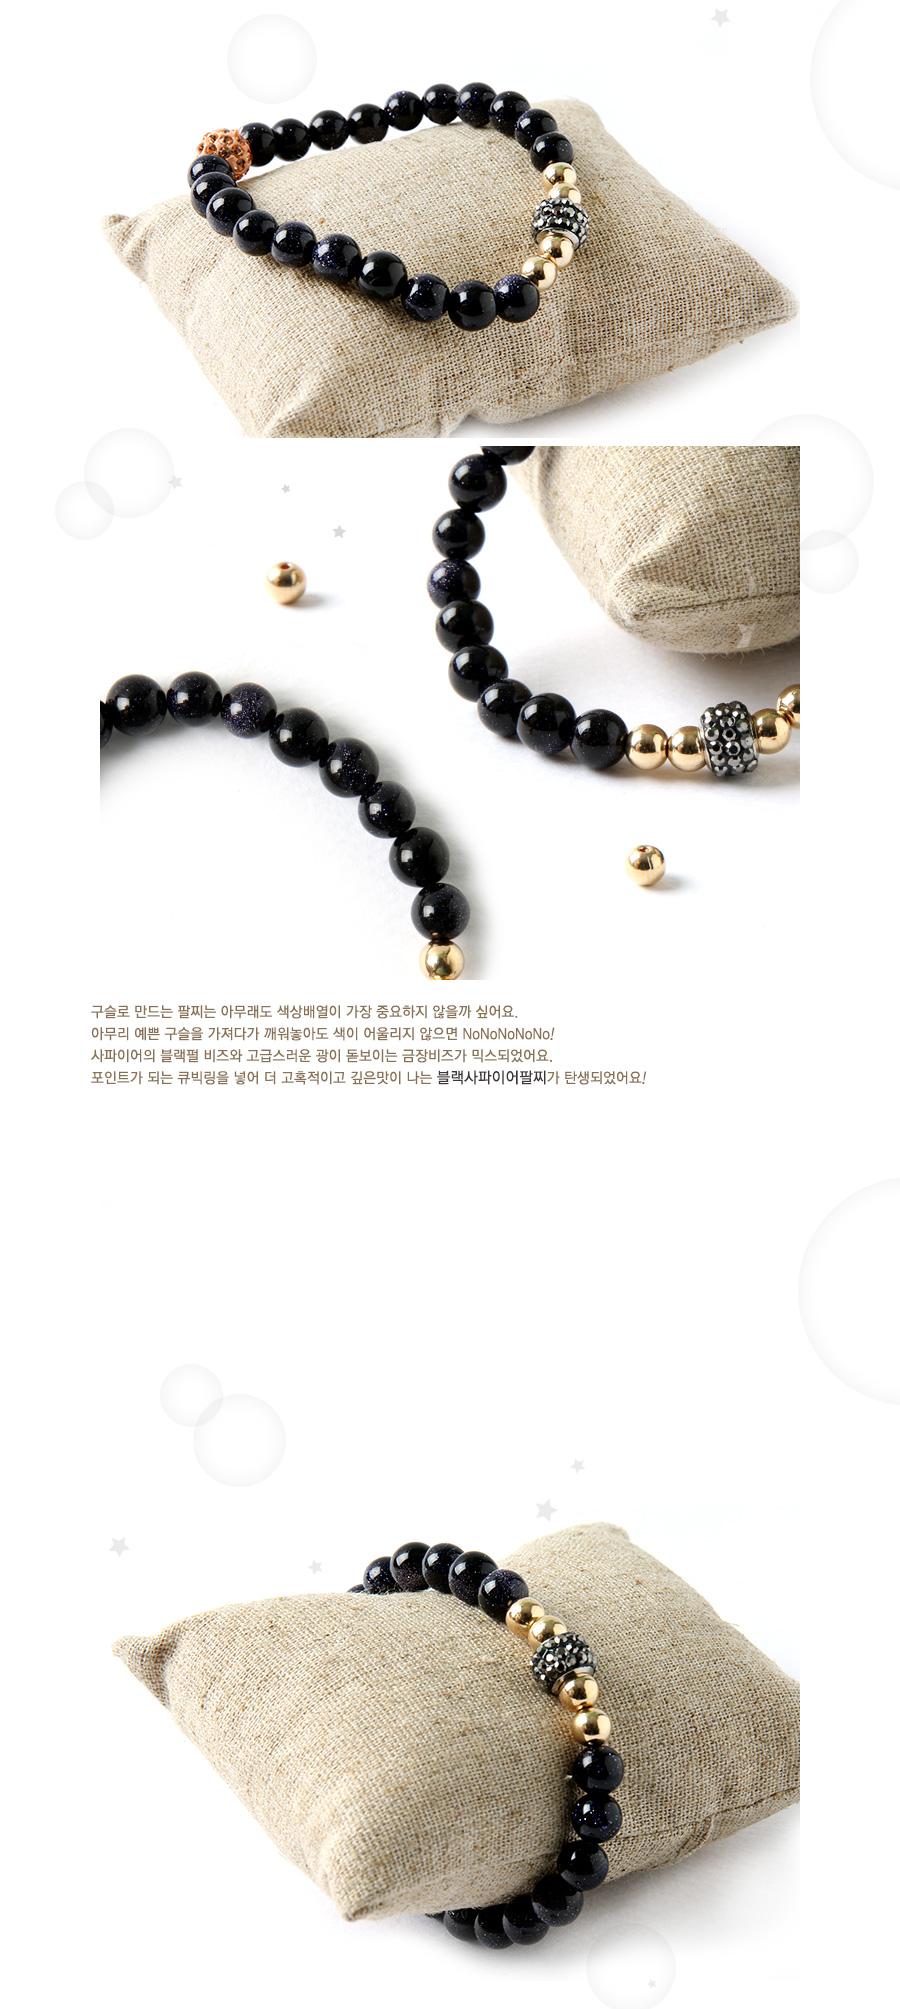 DIY 블랙 사파이어 팔찌 (1인용) - 아트랄라, 4,800원, 비즈공예, 비즈공예 패키지